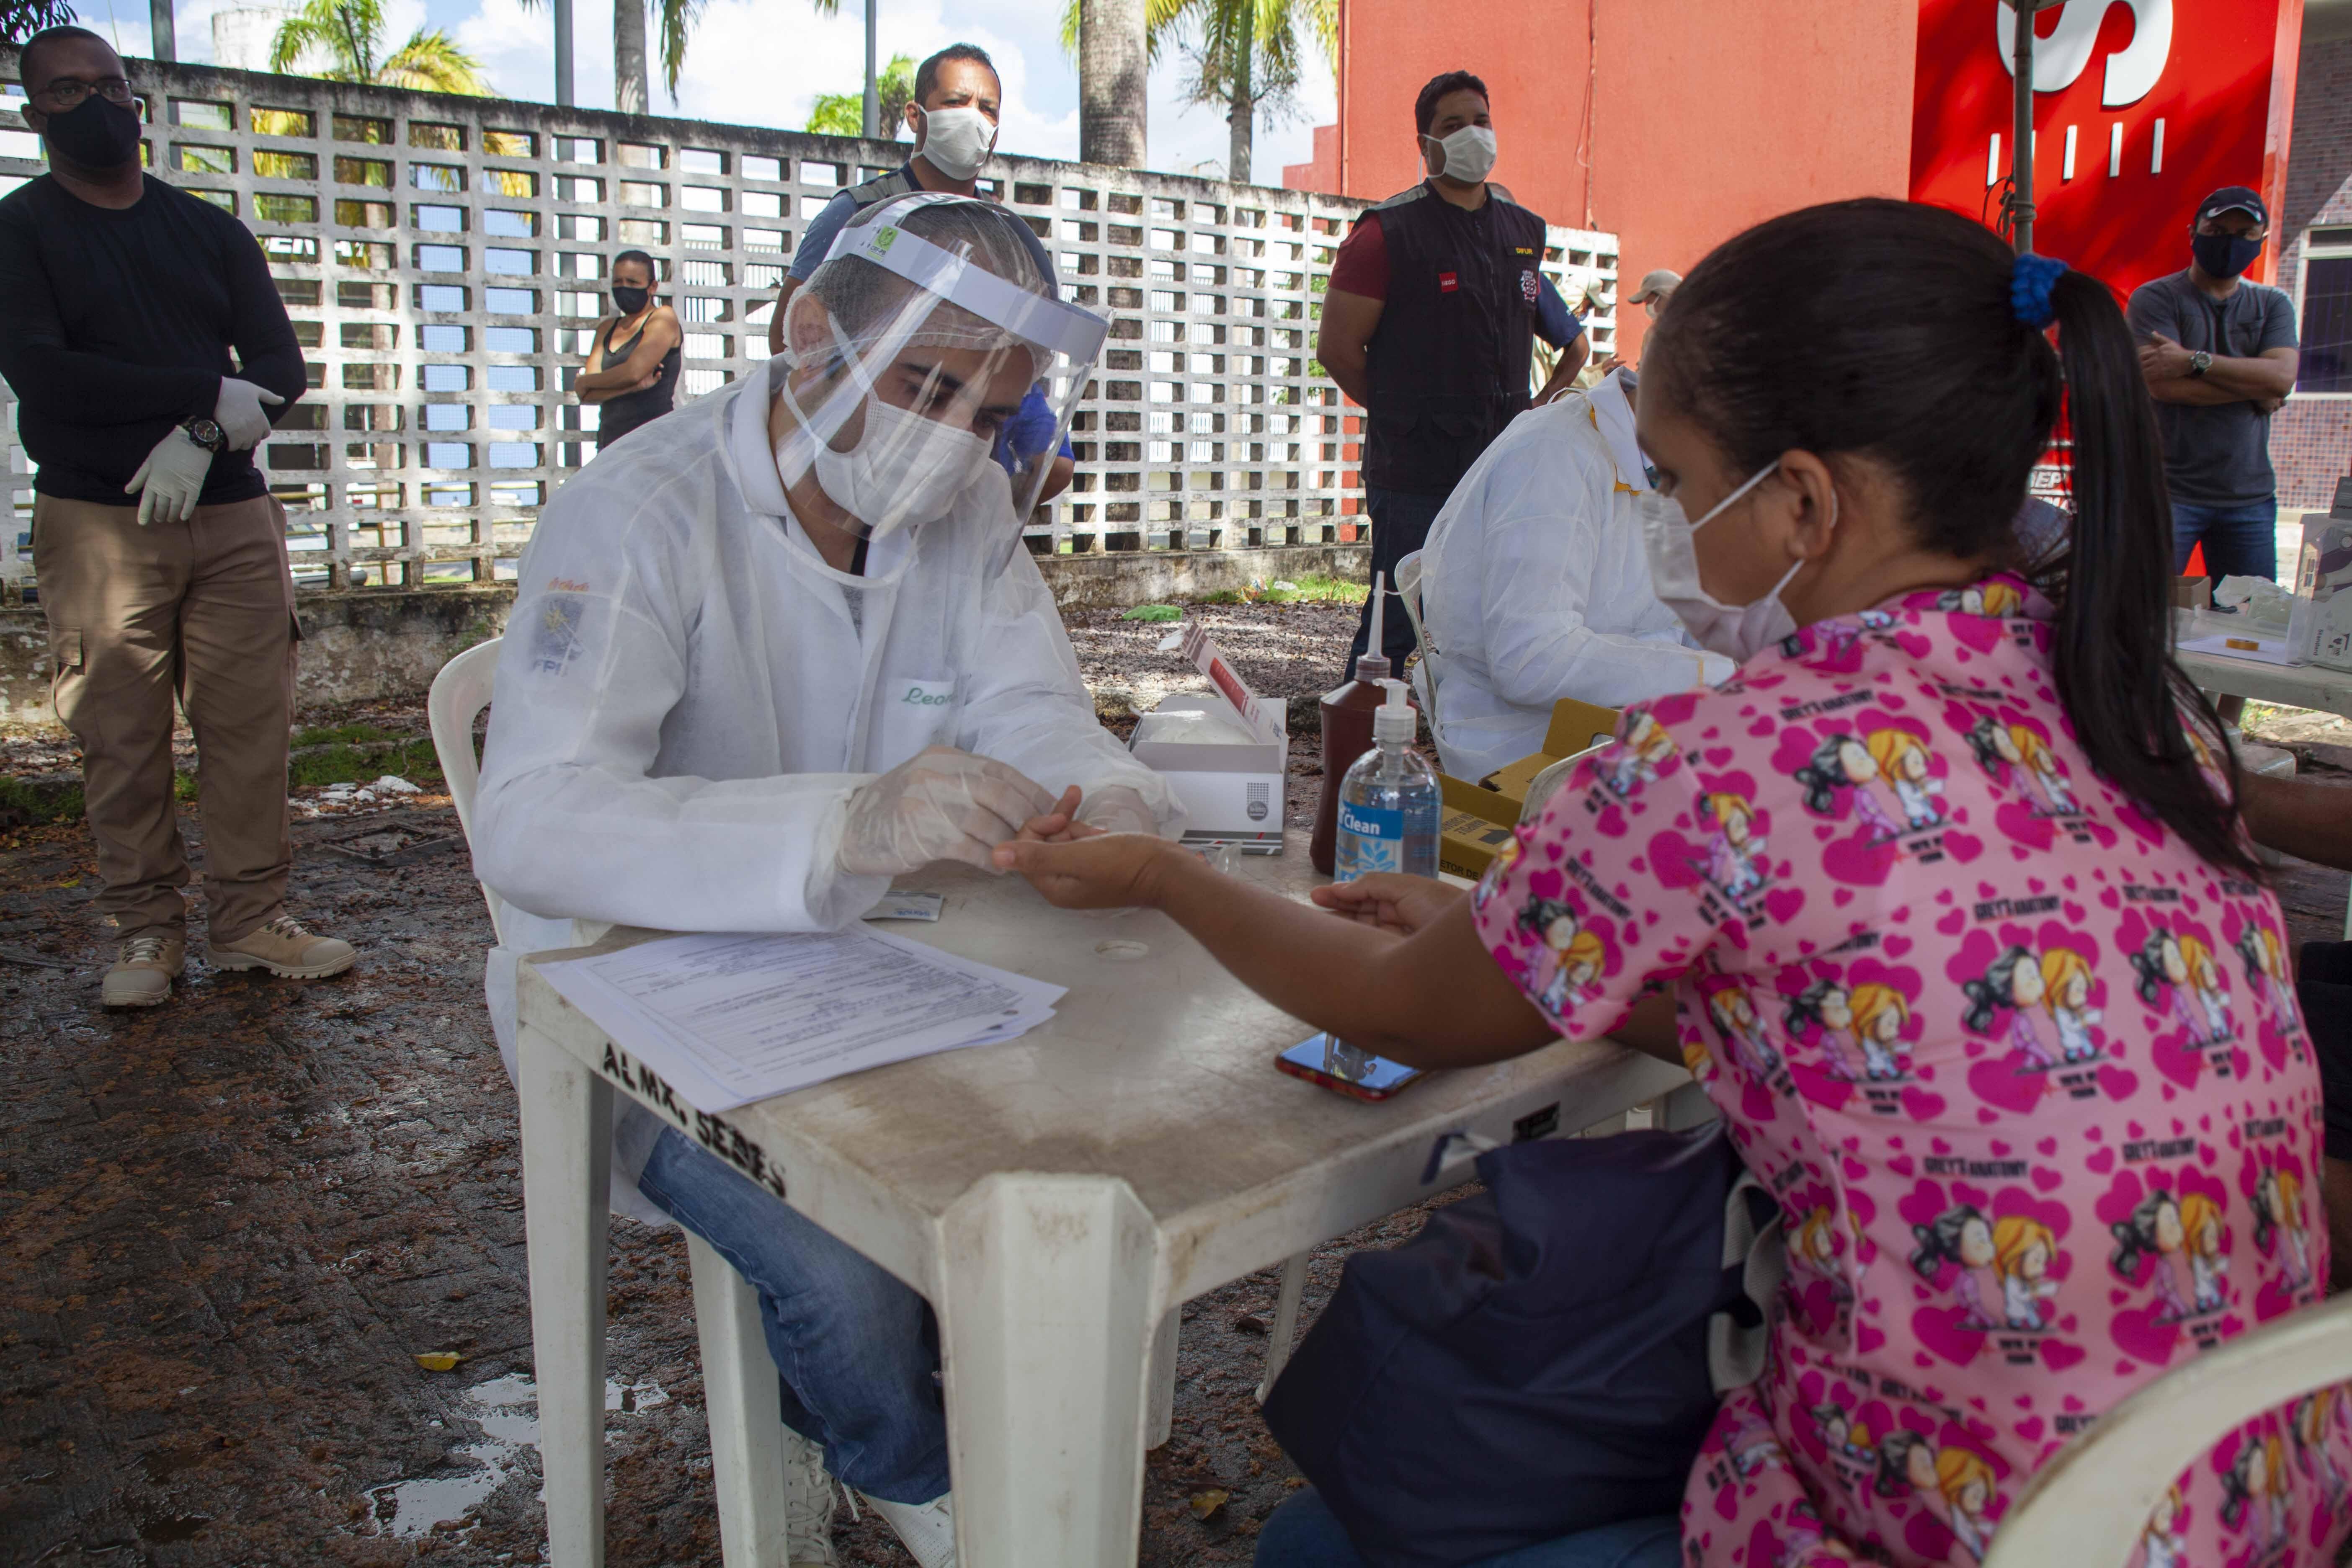 Estado retira 22 casos confirmados de coronavírus de Bom Despacho no boletim deste domingo; confira outras cidades